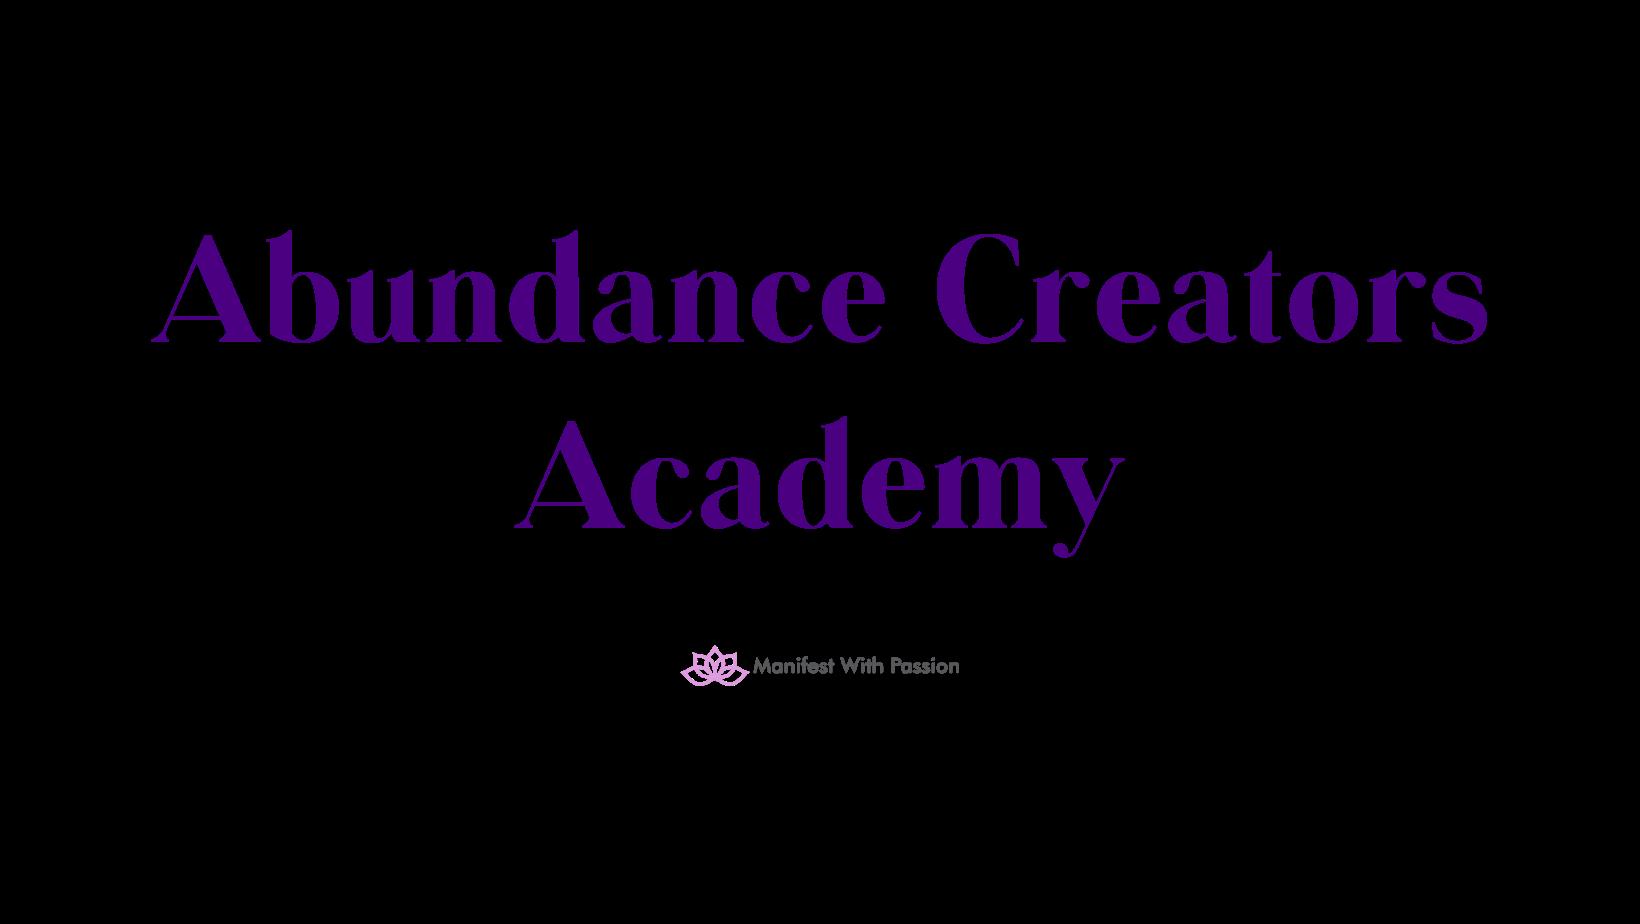 Abundance creators academy